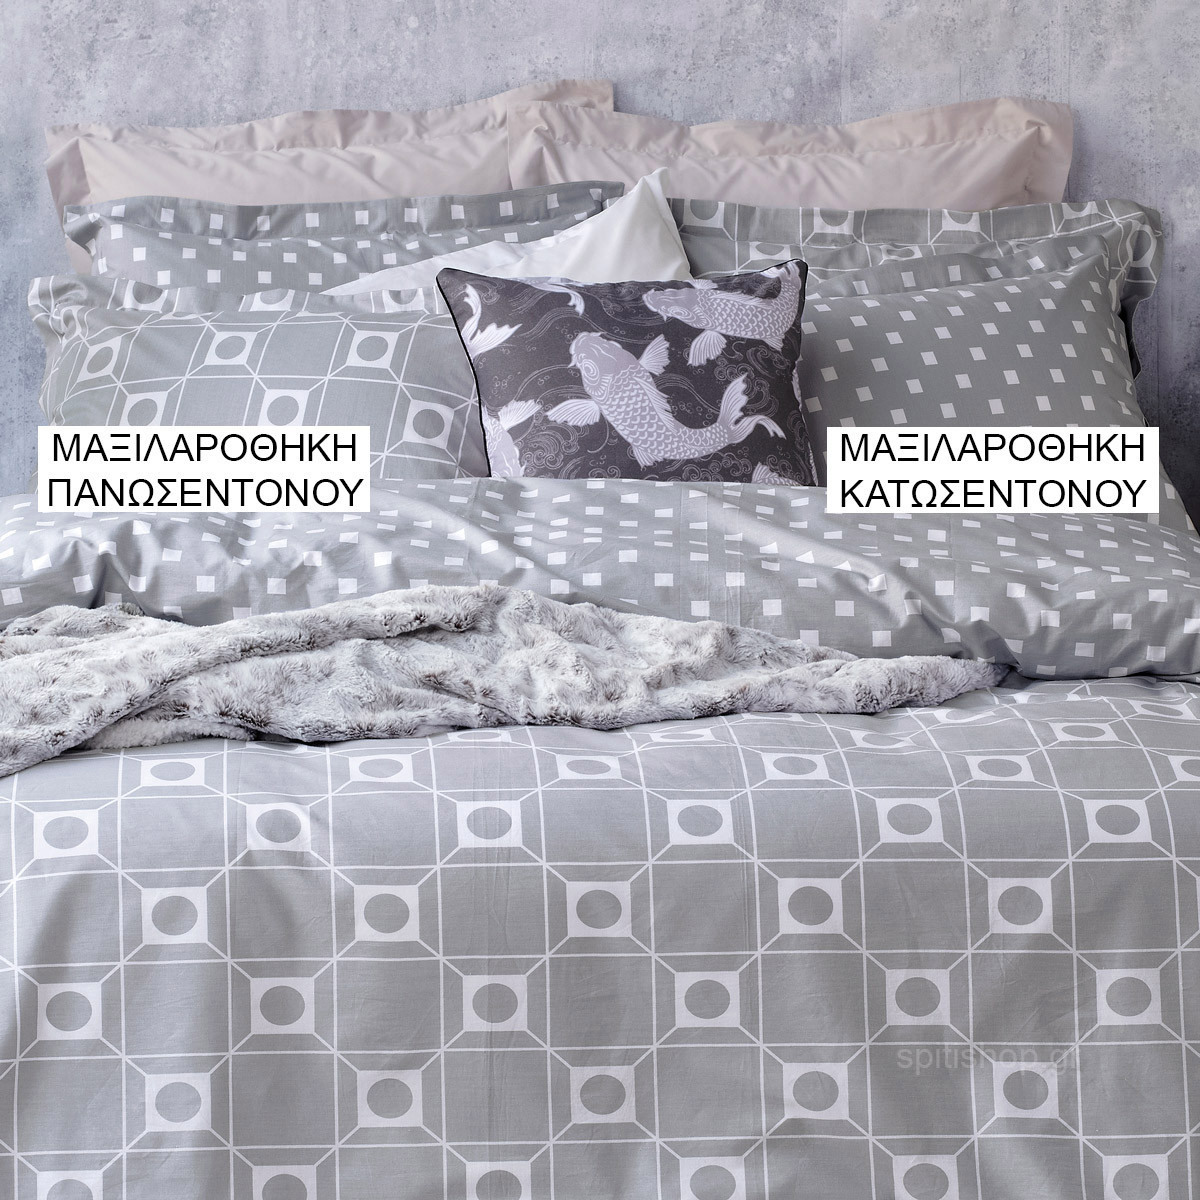 Ζεύγος Μαξιλαροθήκες Oxford Kentia Versus Stark 22 home   κρεβατοκάμαρα   μαξιλάρια   μαξιλαροθήκες